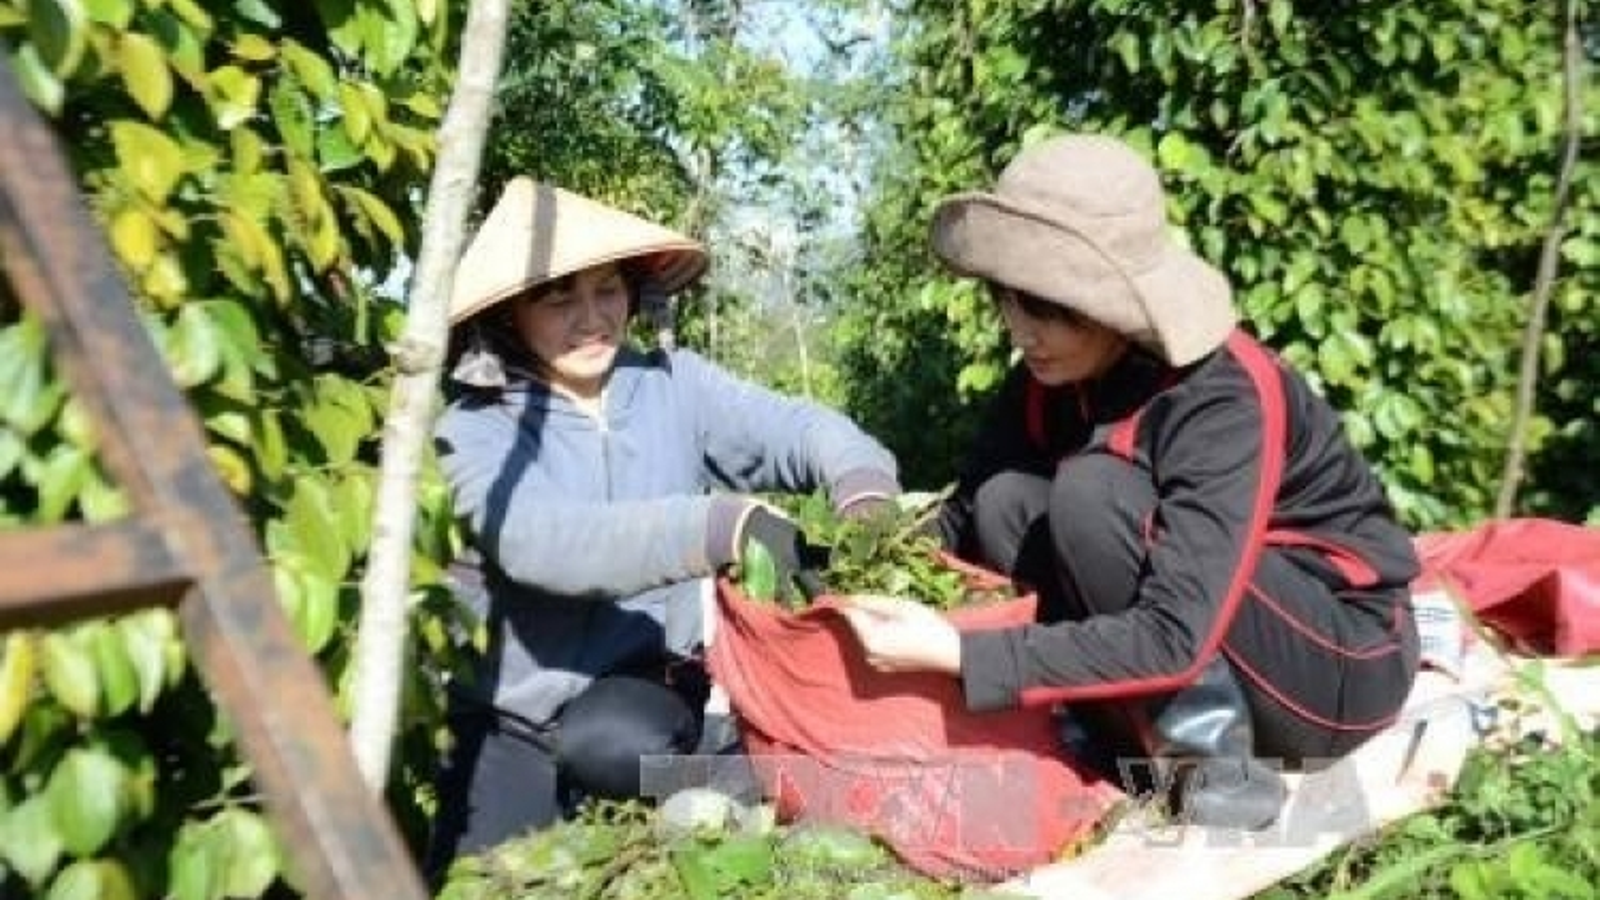 Pepper growers reap organic farming benefits